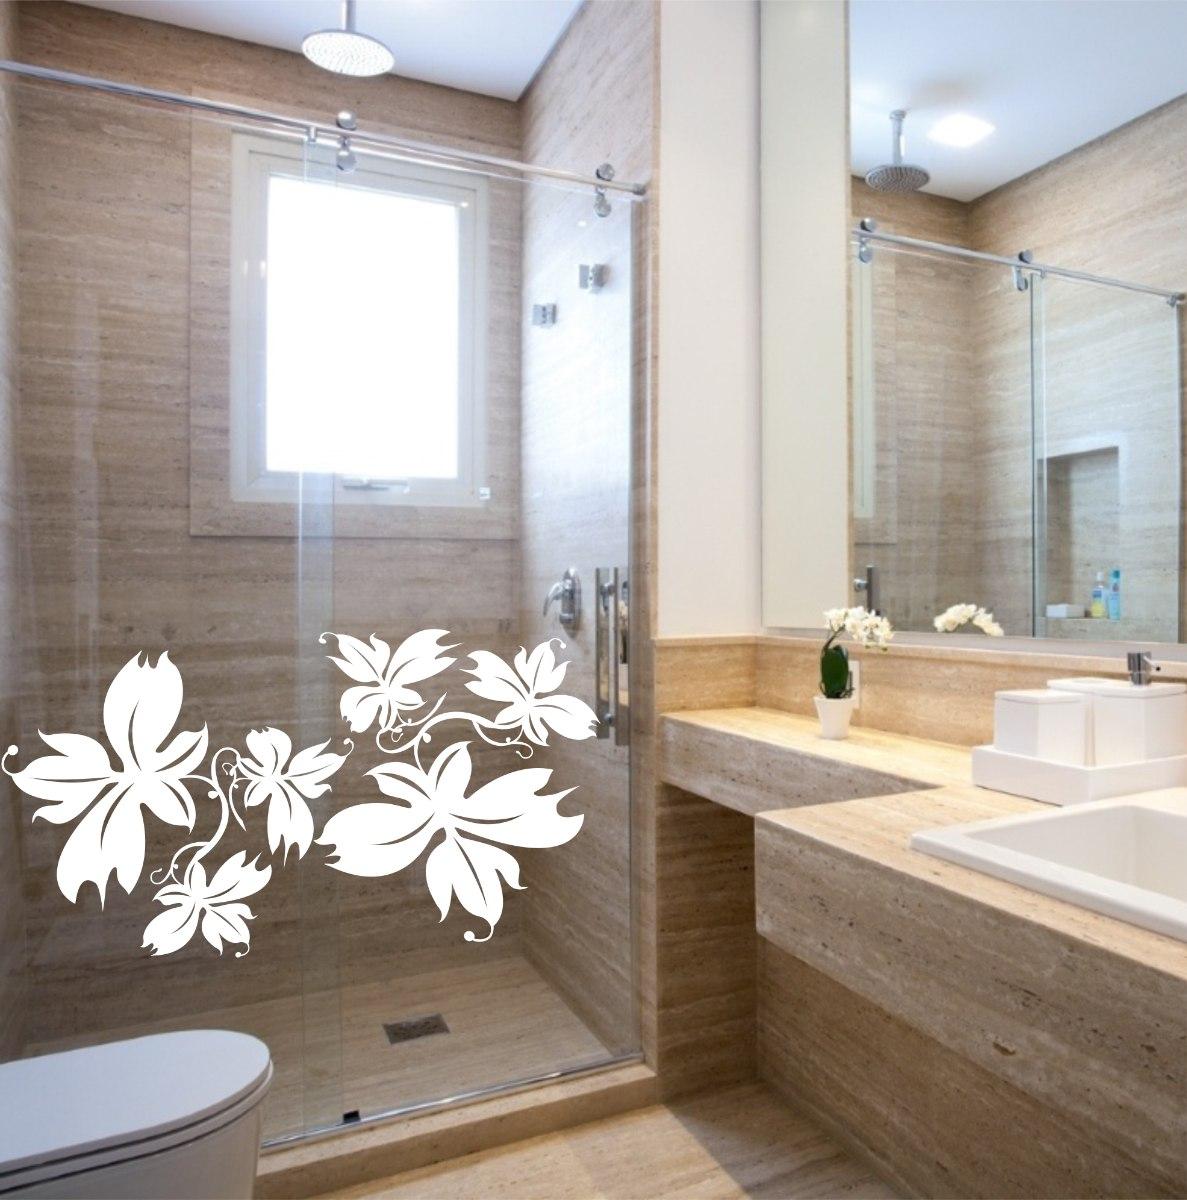 Adesivo De Olhos Para Artesanato ~ Adesivo Decorativo Parede Box Banheiro Floral Flor Rosa R$ 19,99 em Mercado Livre